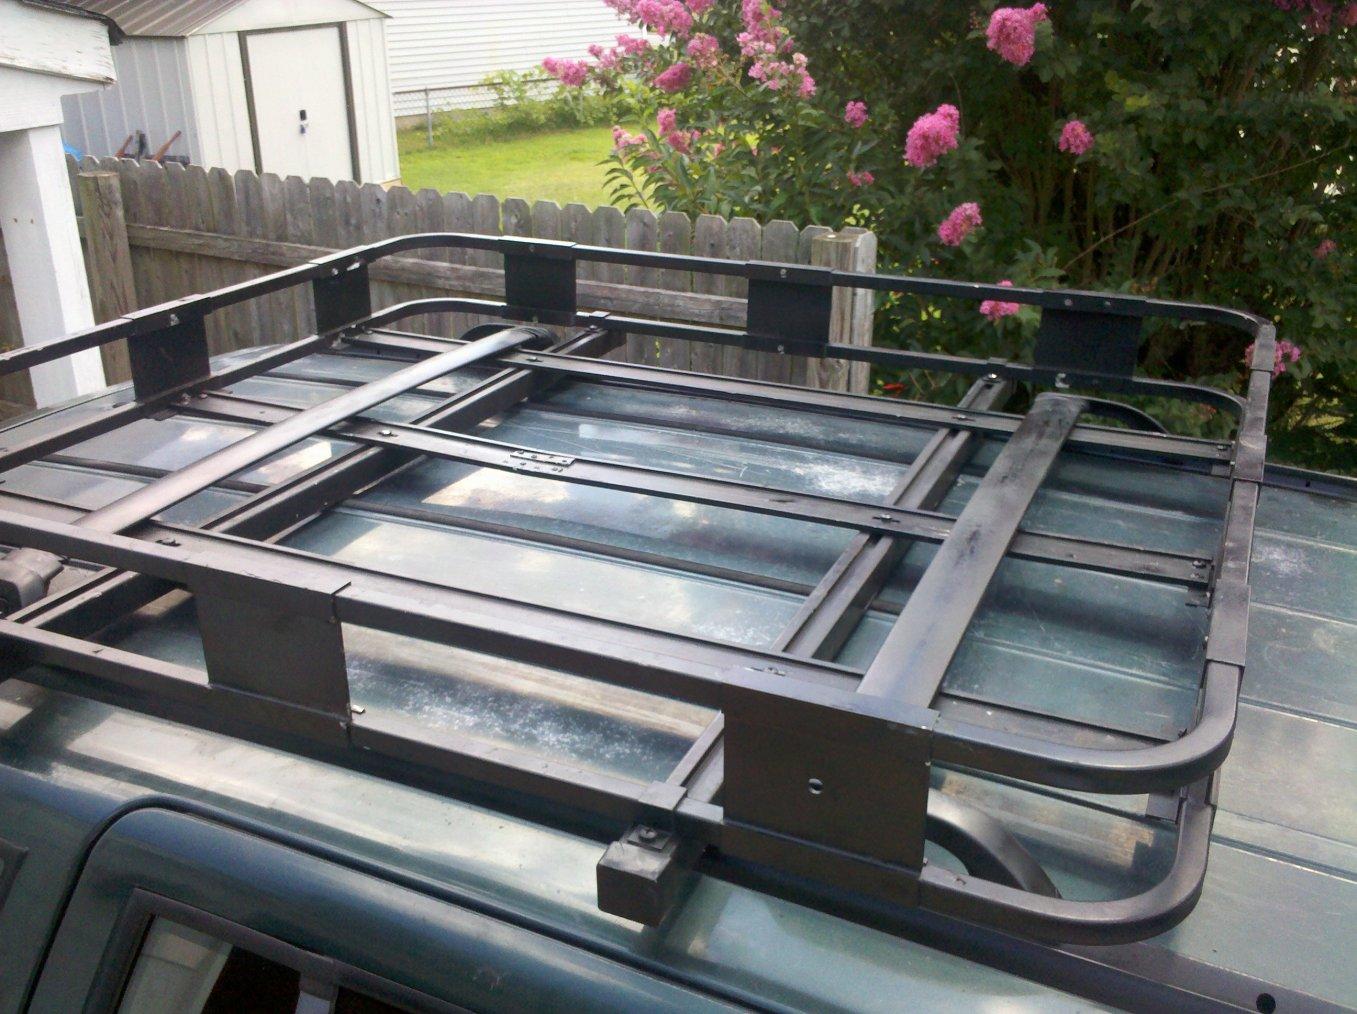 roof-rack-1.jpg